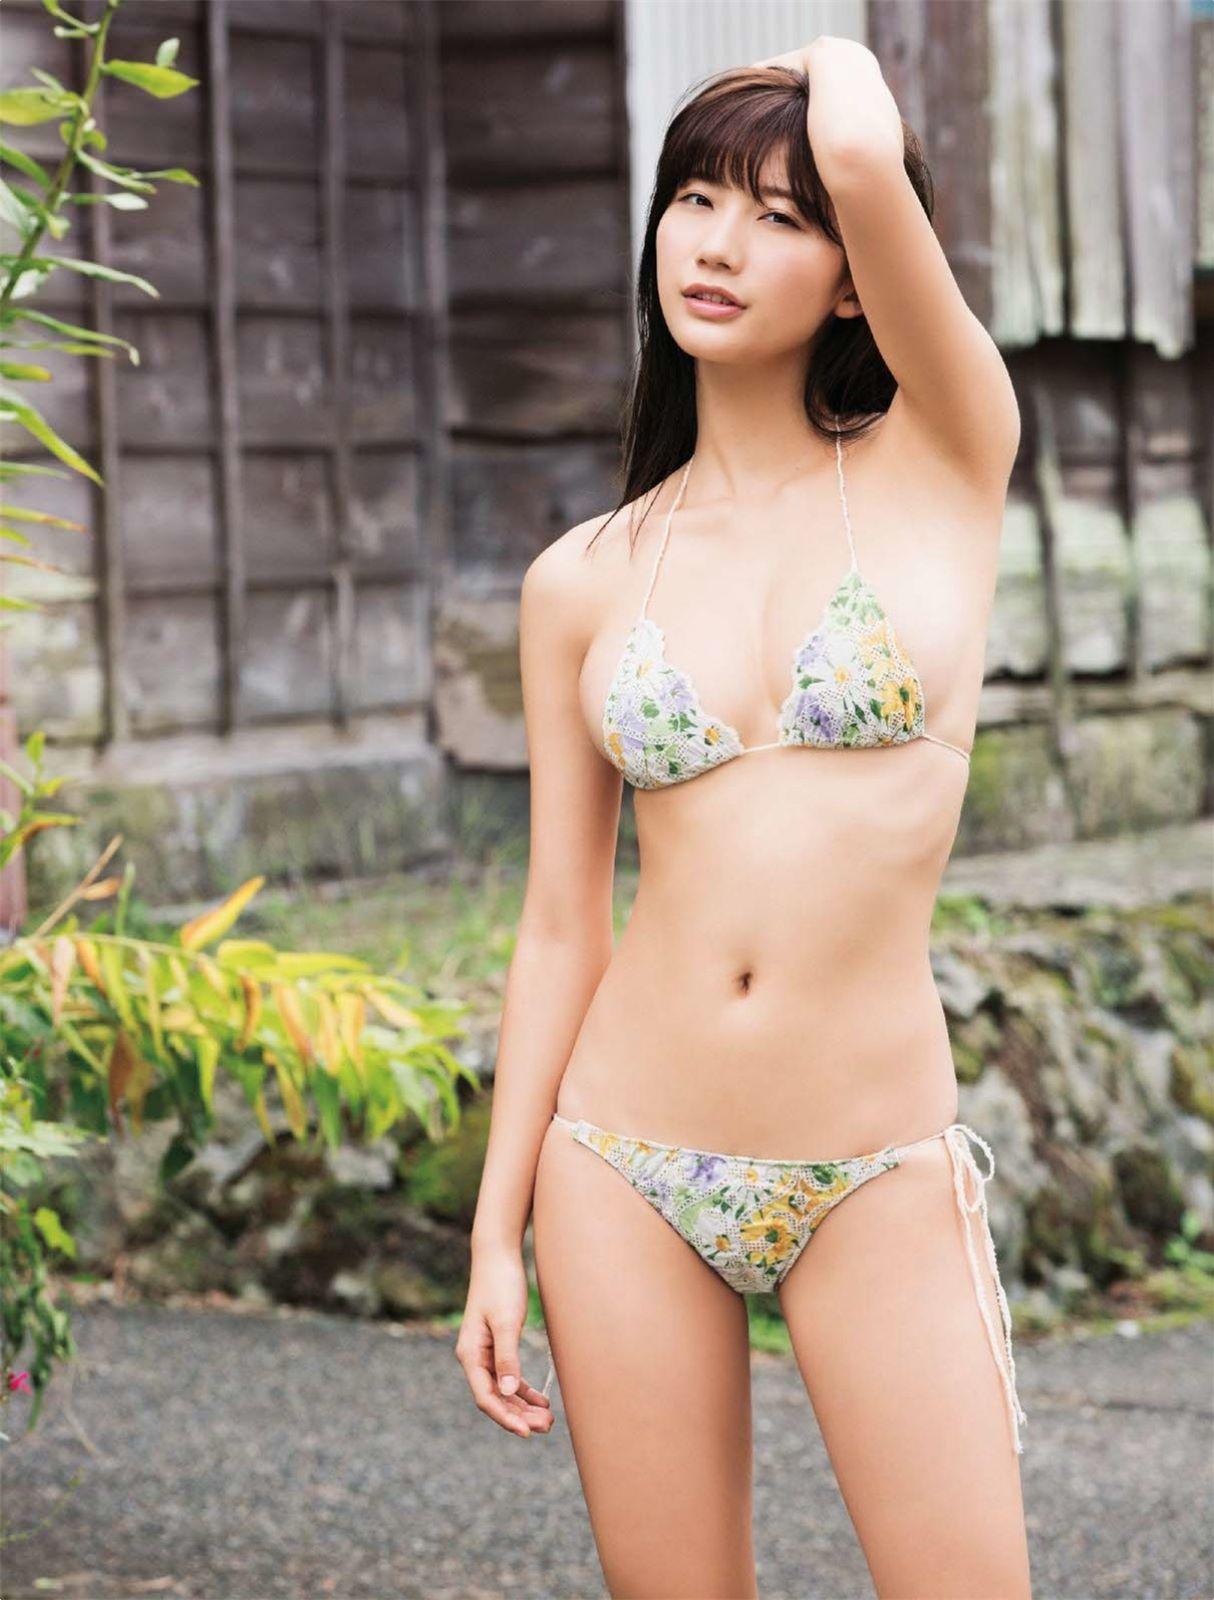 ogura_yuuka105.jpg